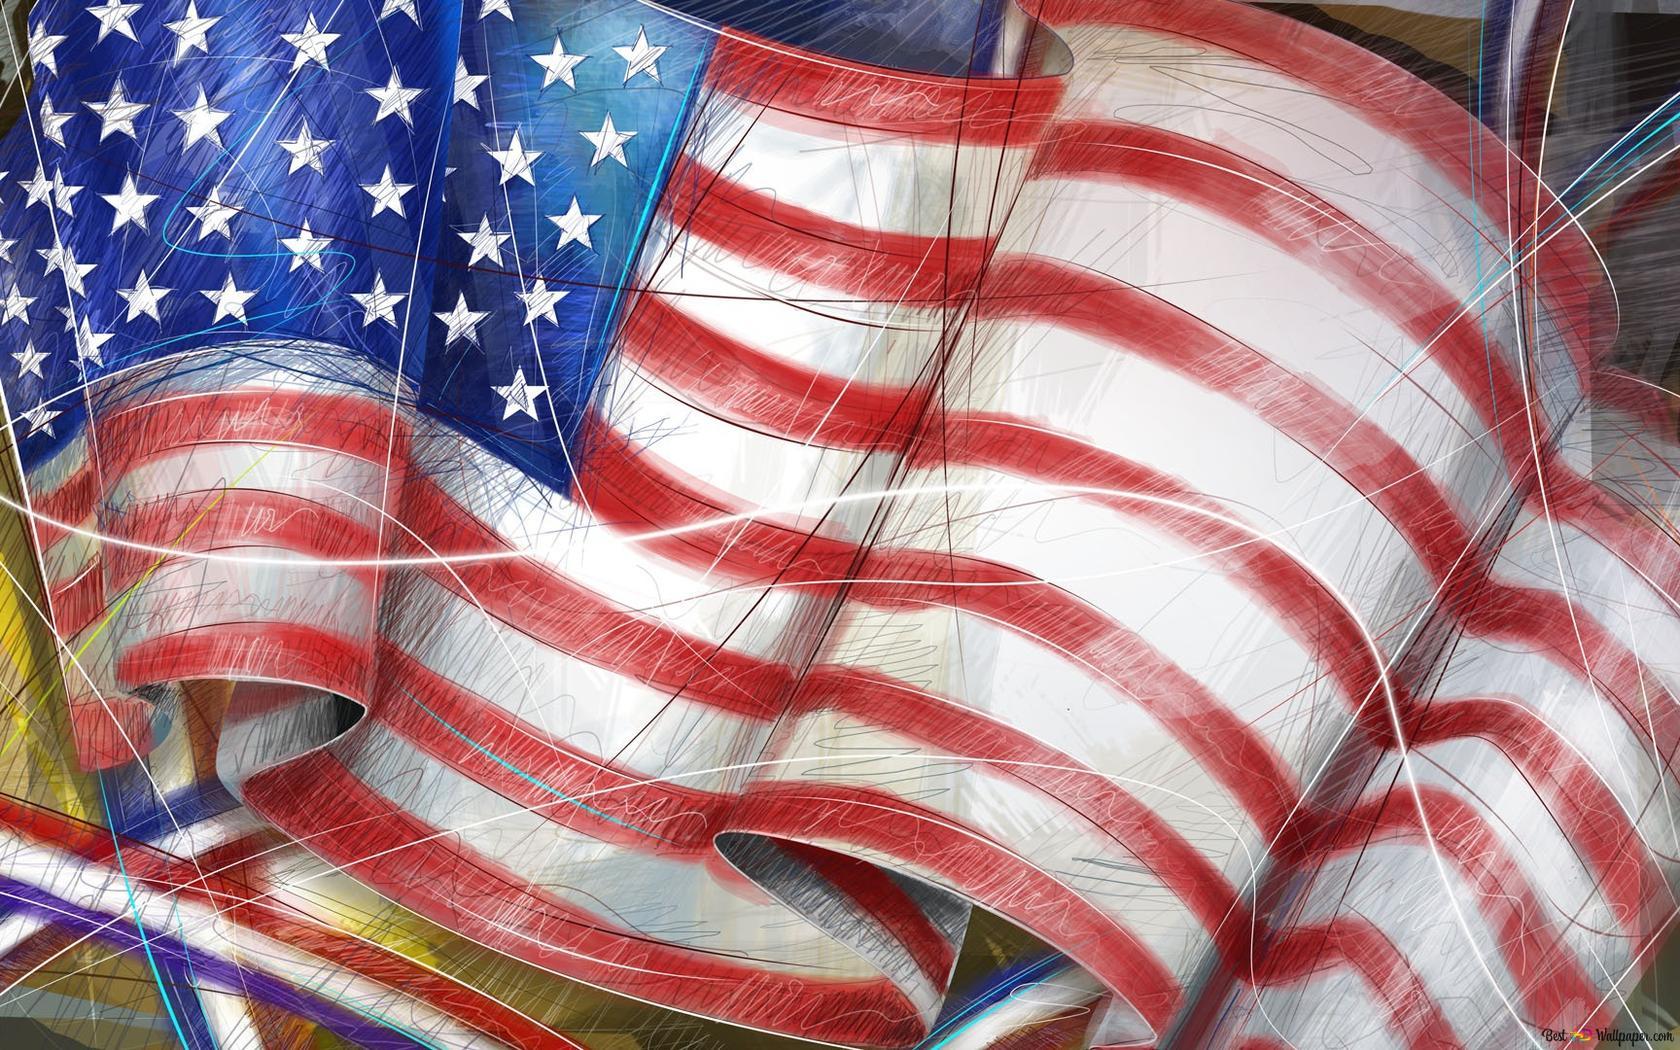 Descargar Fondo De Pantalla Bandera Estadounidense Hd